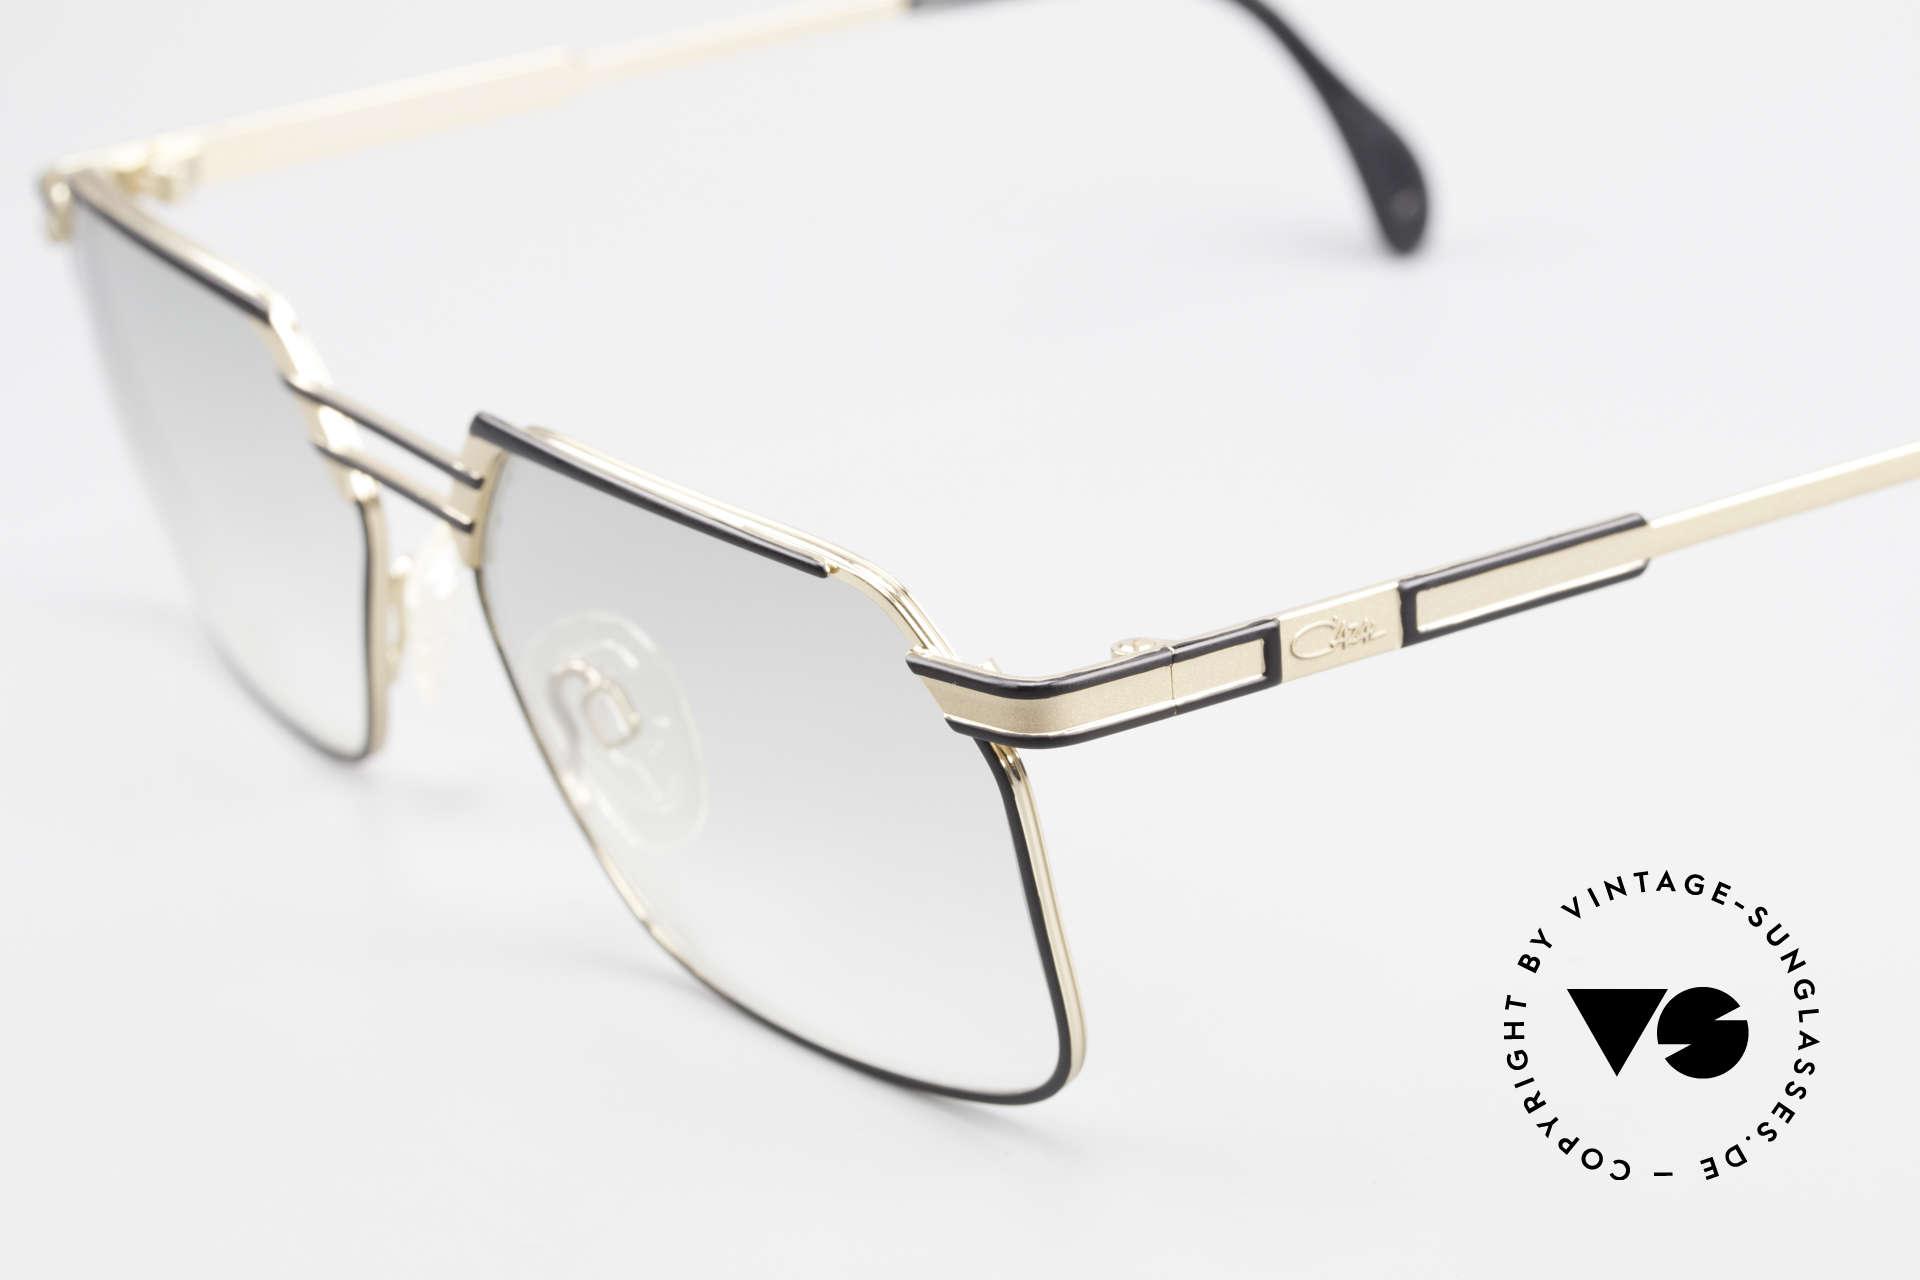 Cazal 760 Vintage 90er Qualitätsbrille, sehr markant und distinguiert; eben orig. CAZAL, Passend für Herren